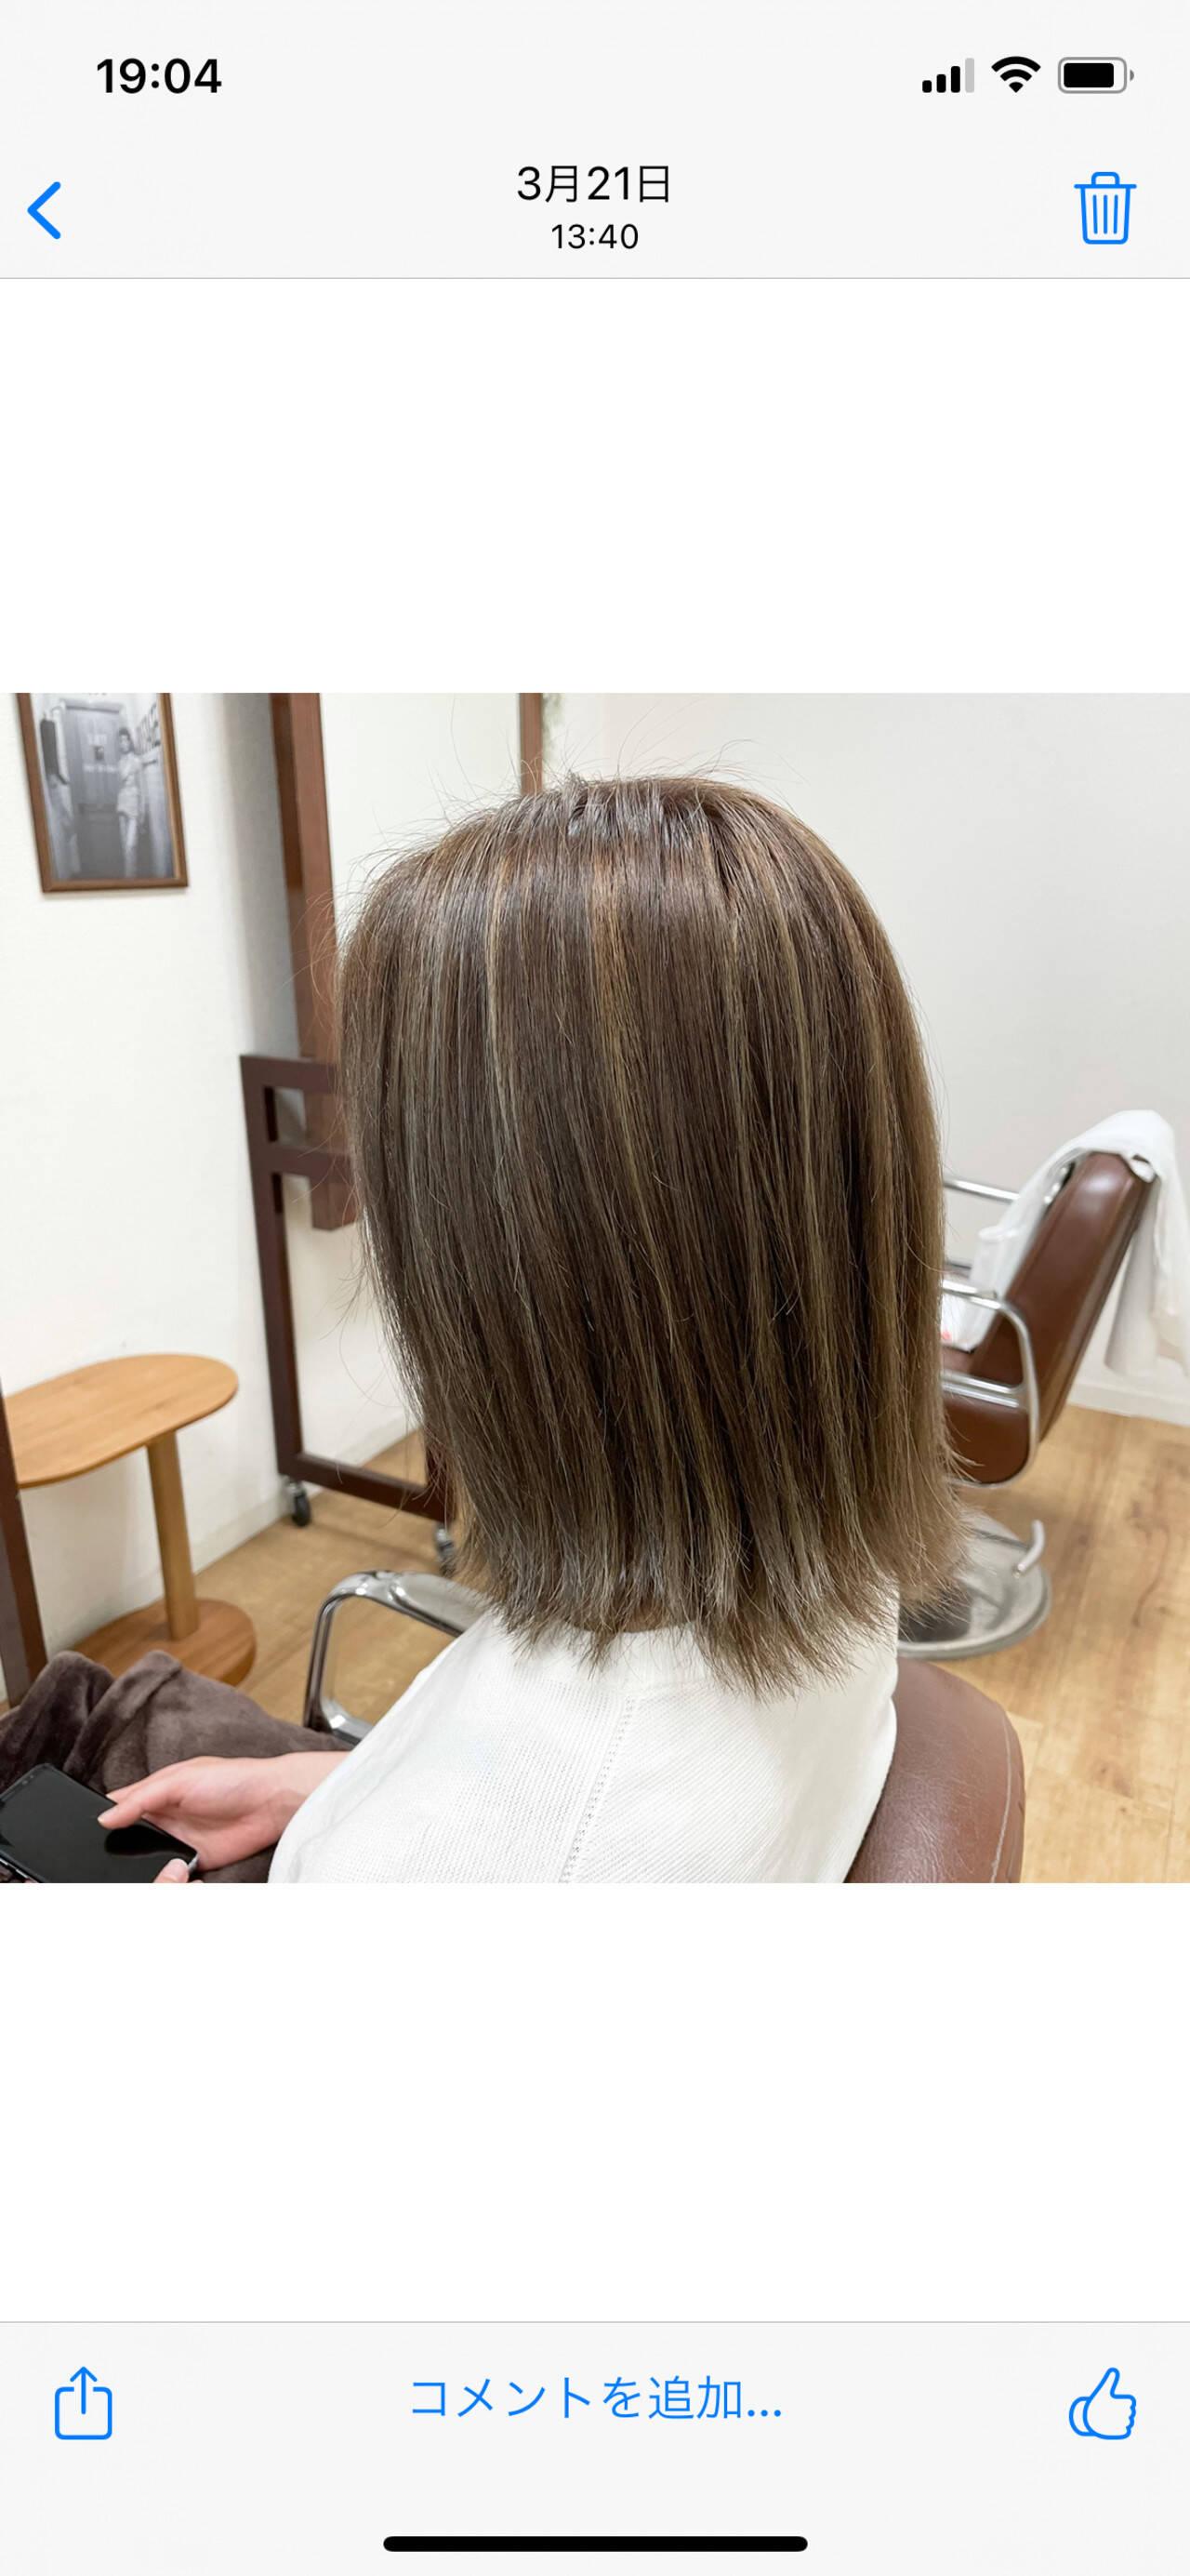 かき上げ前髪 ハイライト 外ハネ ボブヘアスタイルや髪型の写真・画像